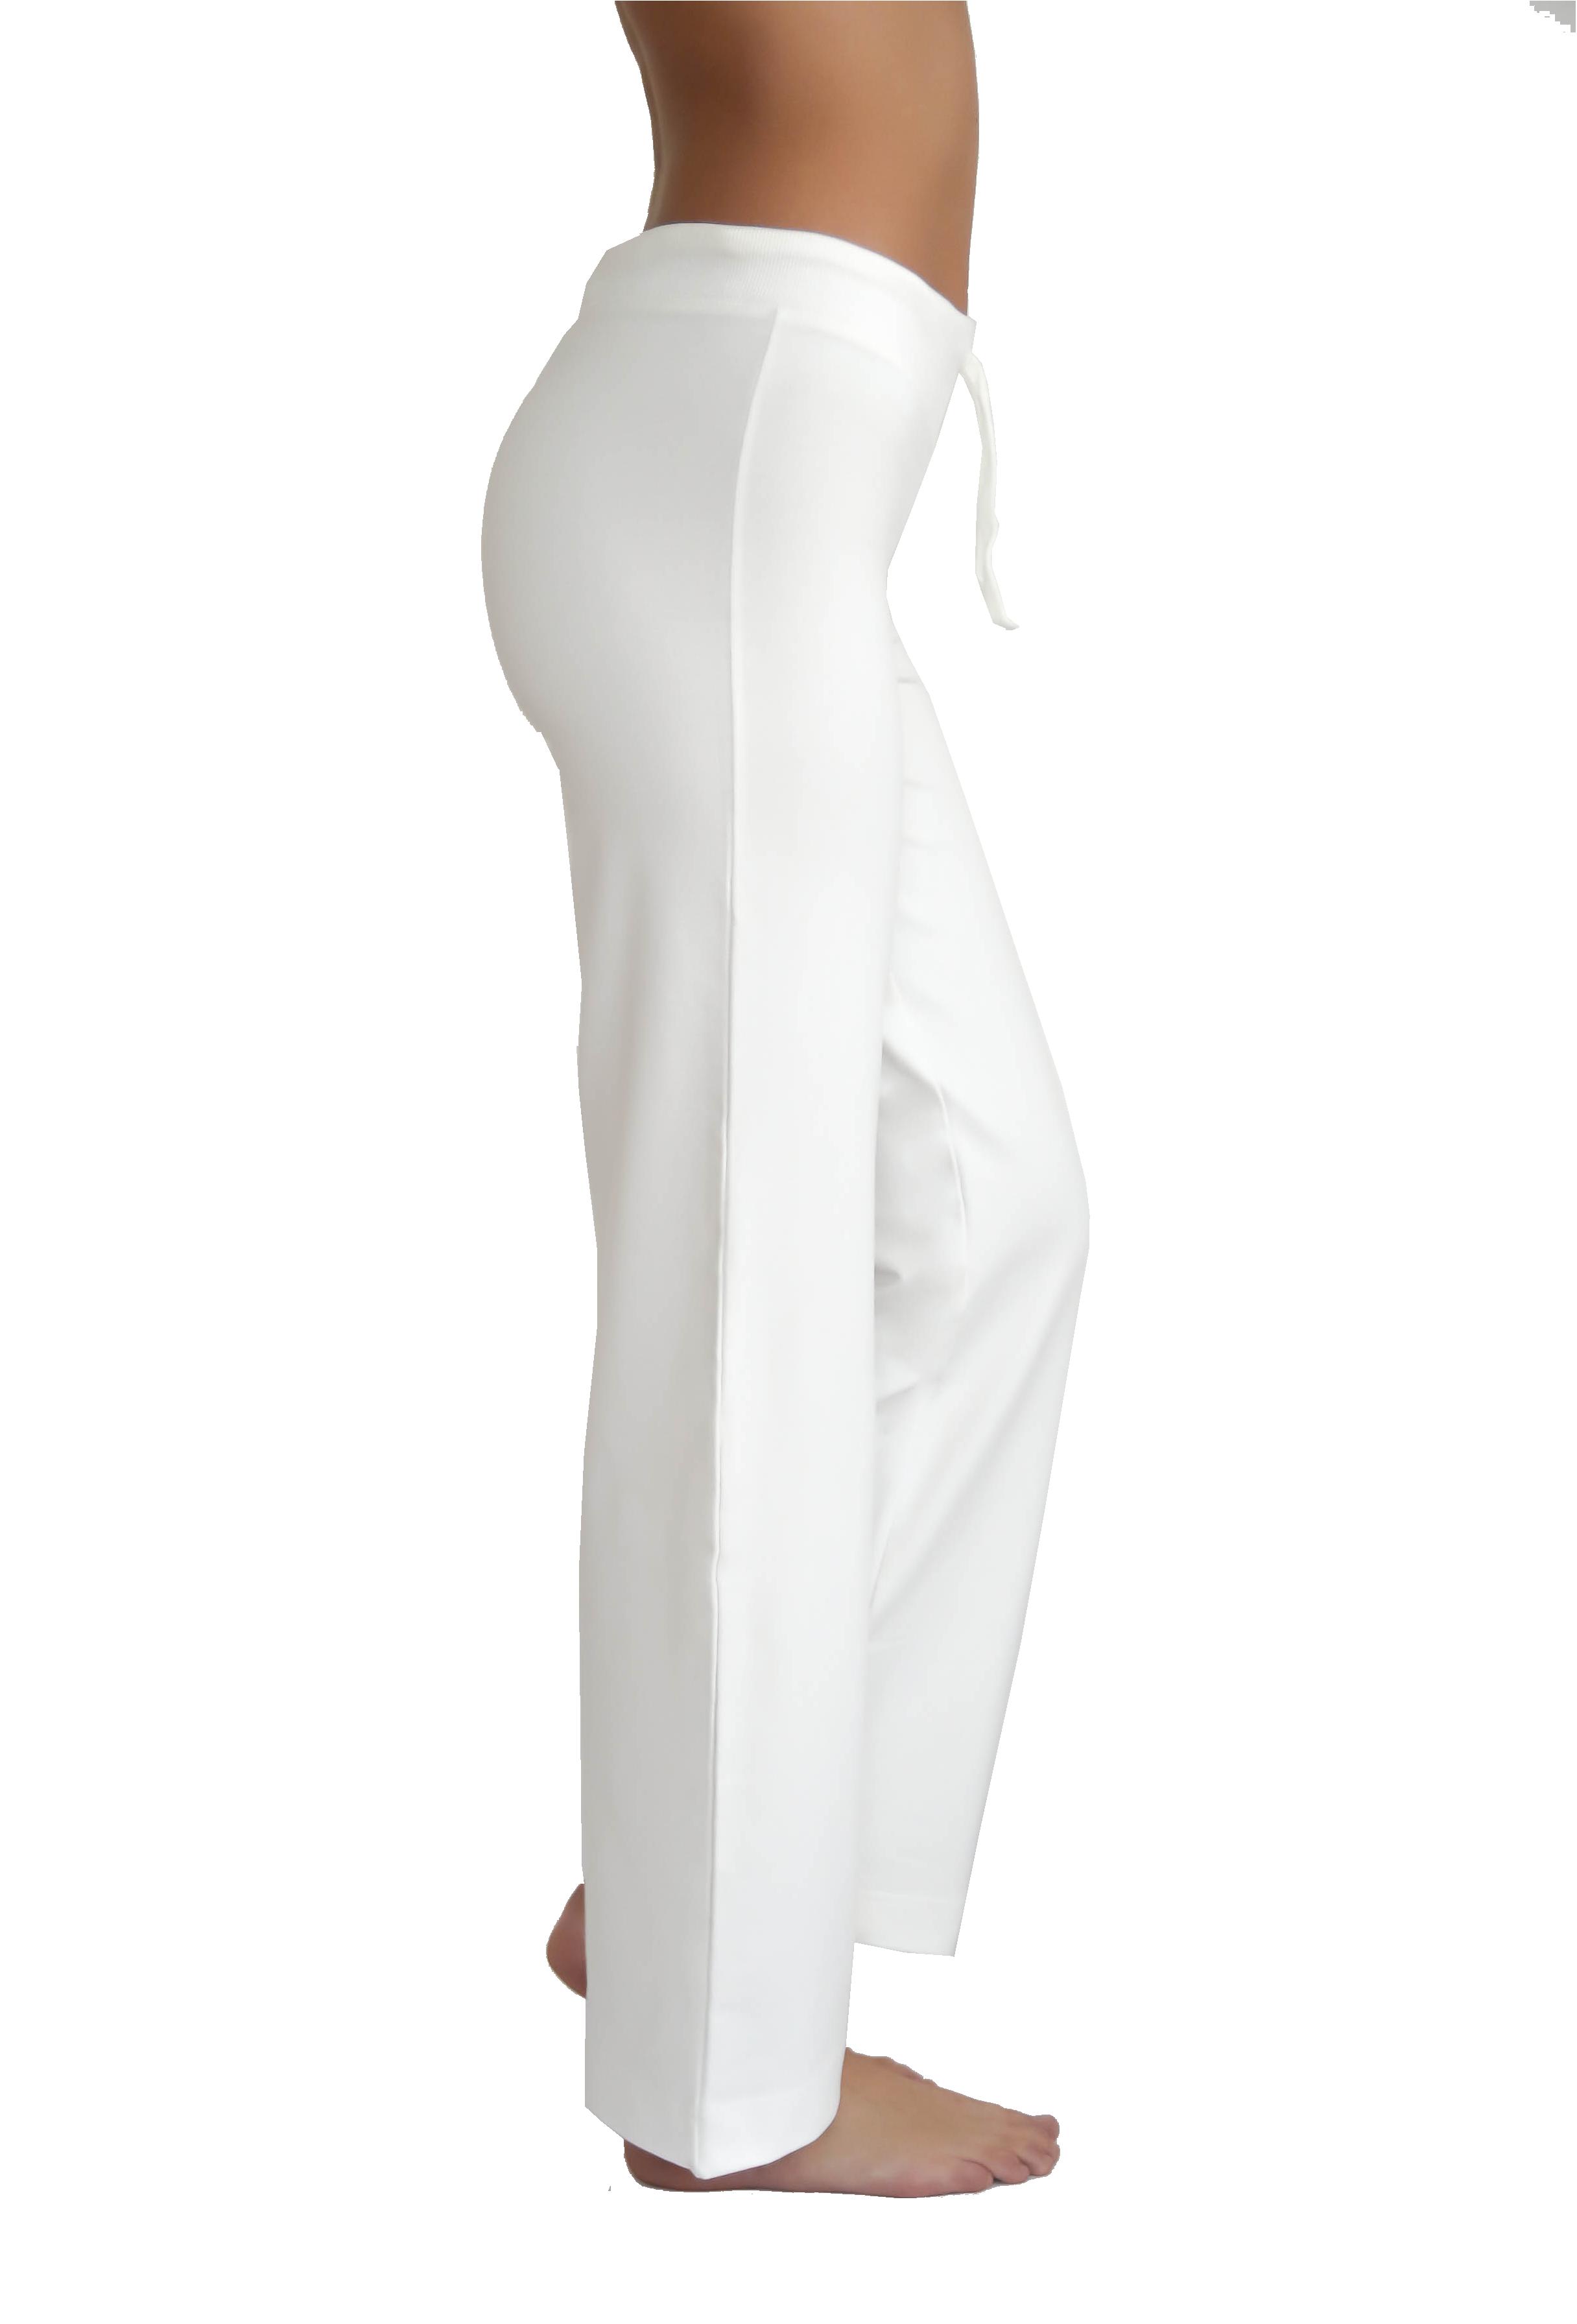 25ec83e991c4 Vorschau  Leela Cotton Damen Hose aus Bio-Baumwolle mit Elasthan GOTS ...